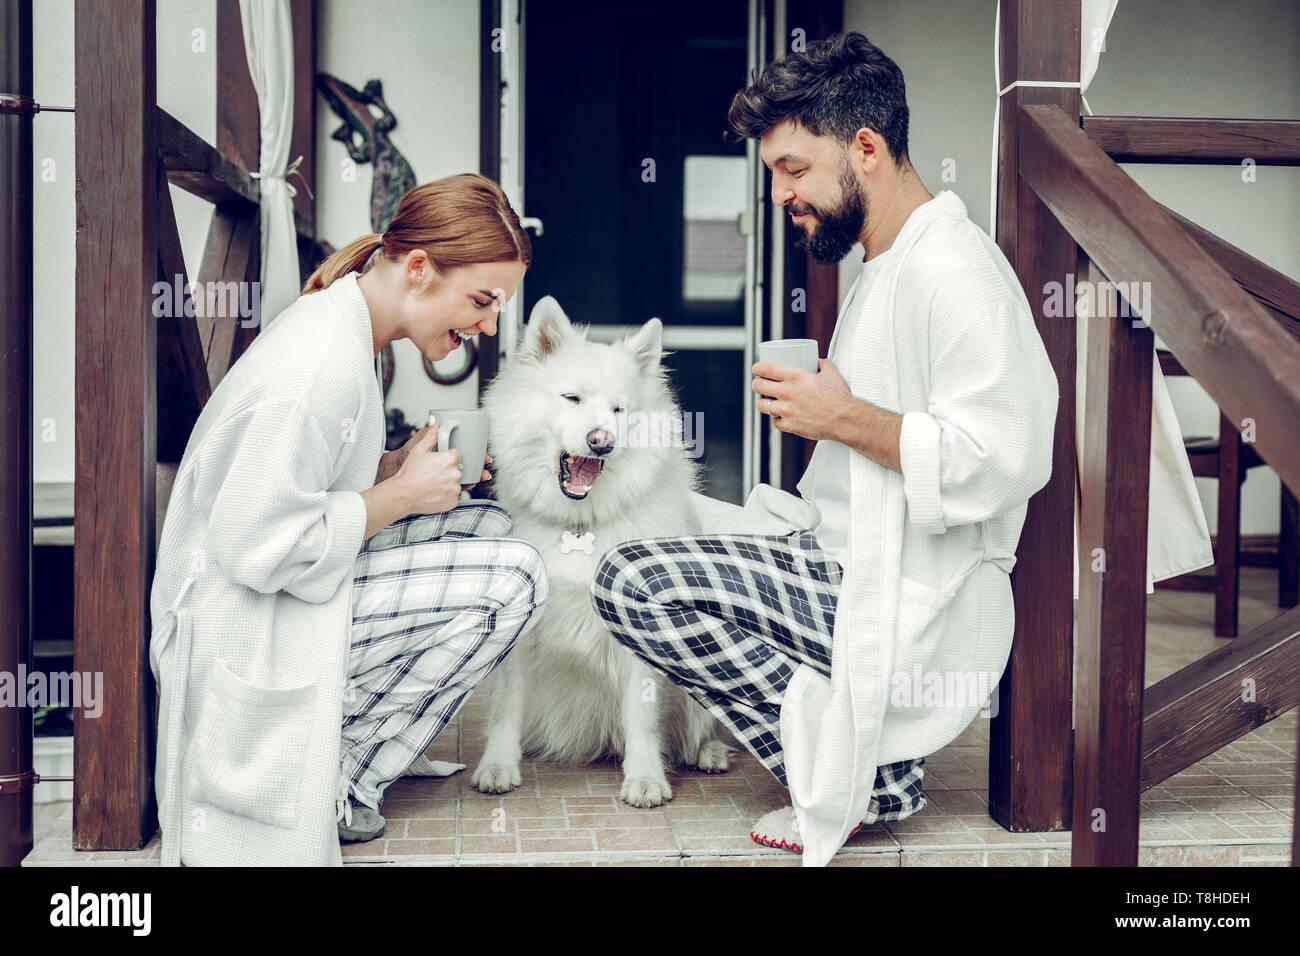 Glücklich liebende Familie teilen ein Lachen beim Sitzen mit samojeden. Stockbild